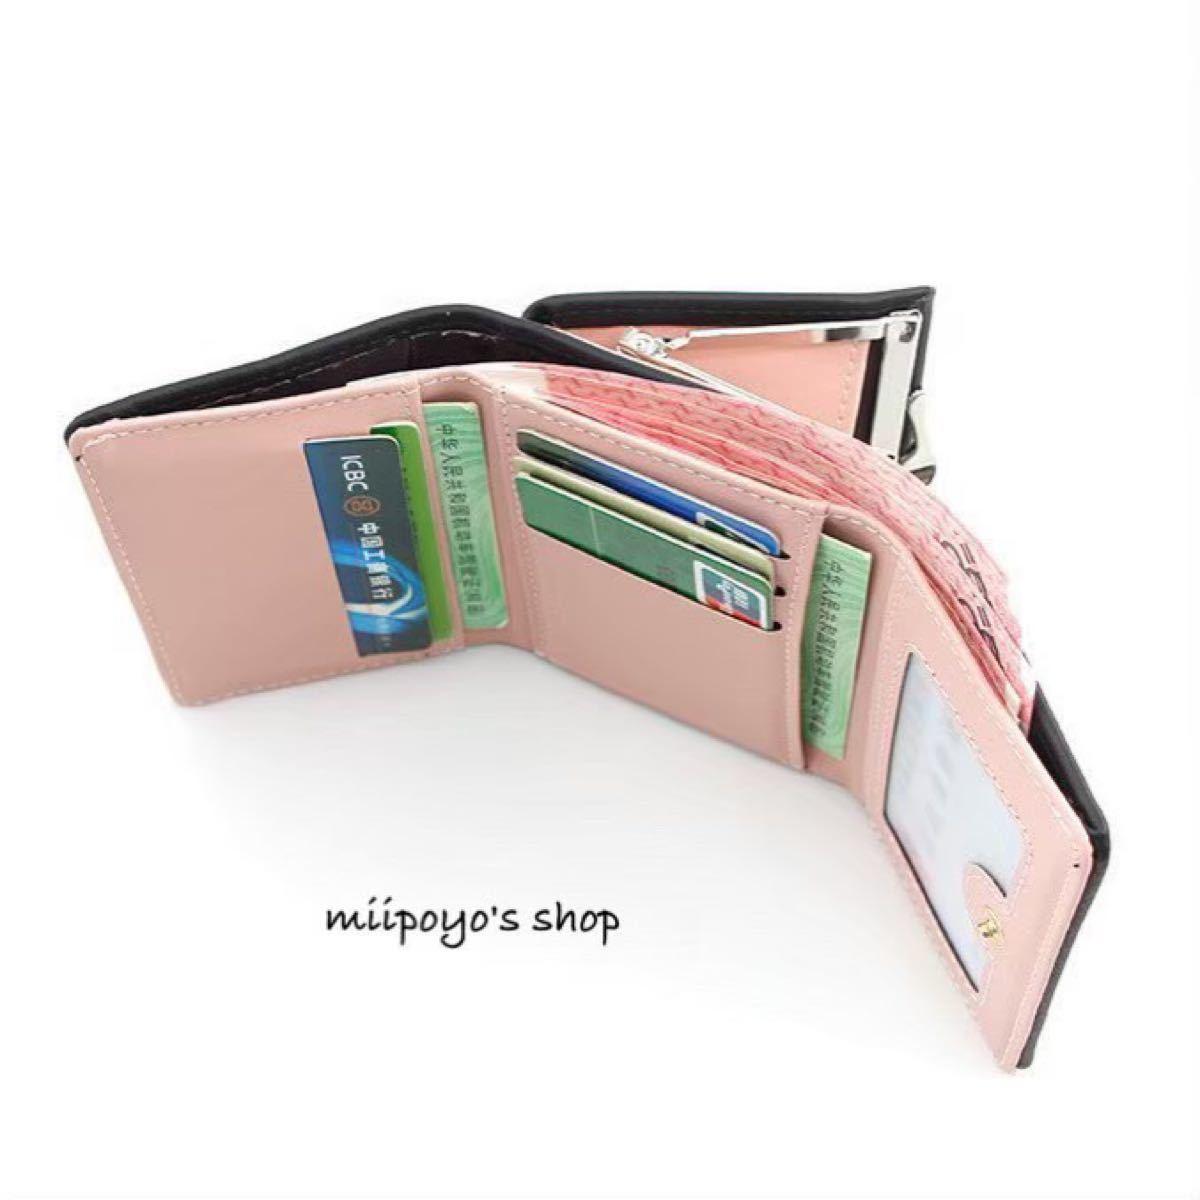 コインケース 小銭入れ ミニ財布 3つ折り ウォレット プチプラ カラバリ豊富 コンパクト